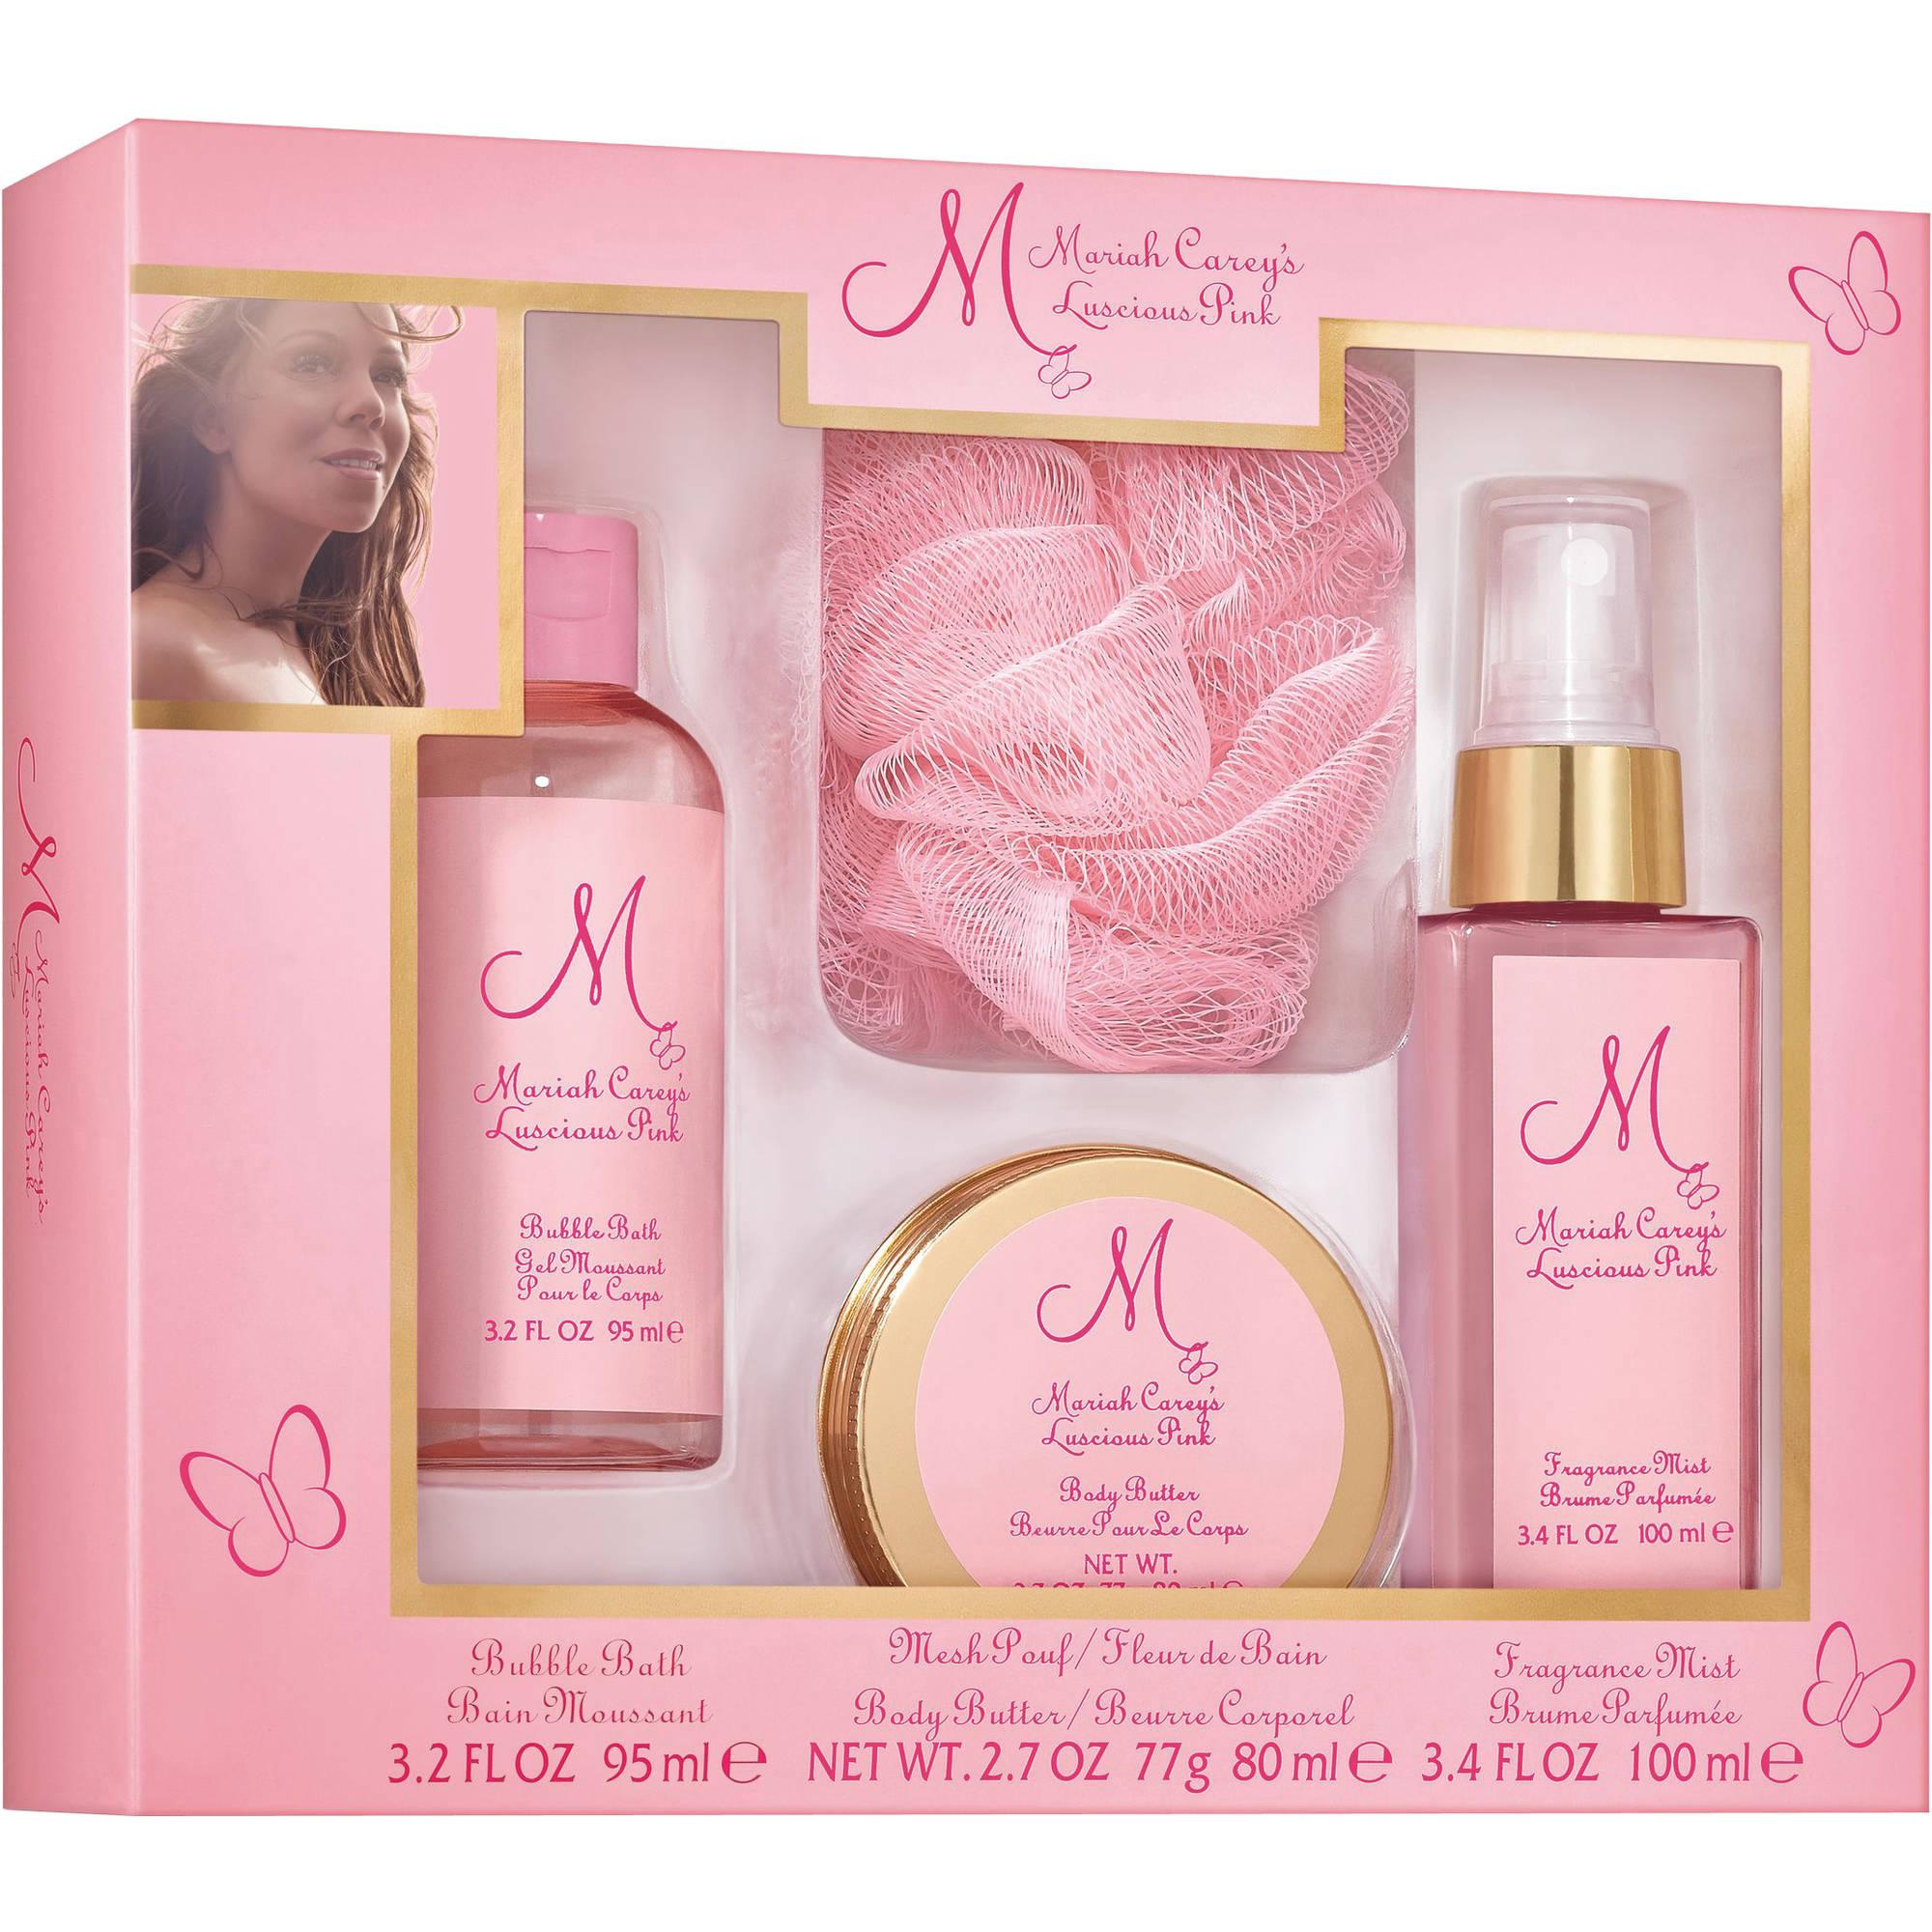 Mariah Carey S Luscious Pink Fragrance Gift Set 4 Pc